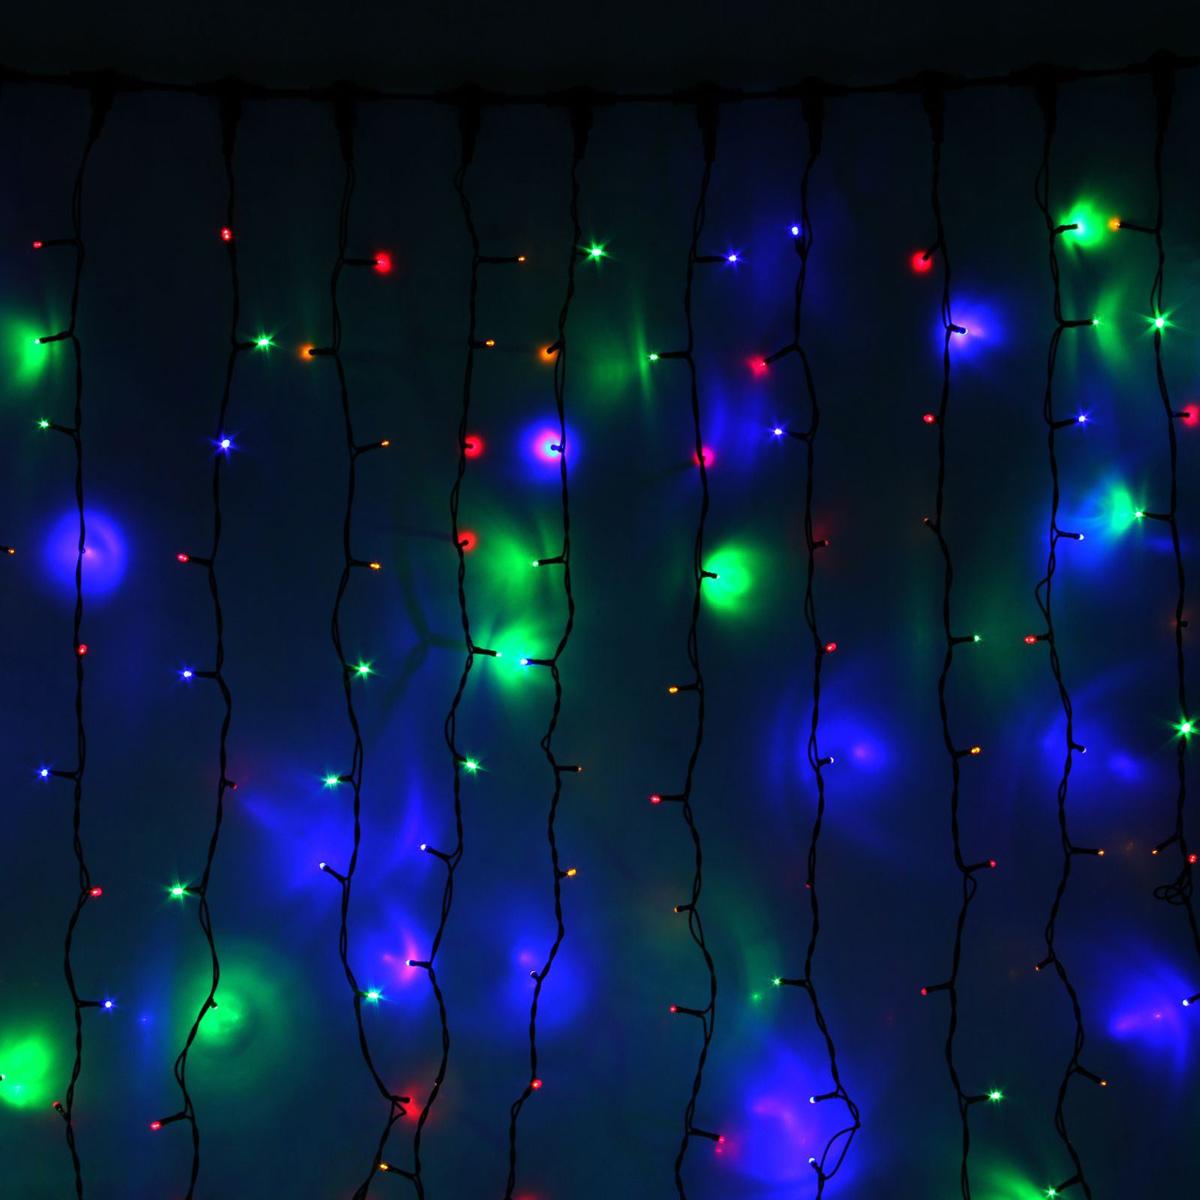 Гирлянда светодиодная Luazon Занавес, цвет: мультиколор, уличная, 1440 ламп, 220 V, 2 х 6 м. 10802881080288Светодиодные гирлянды и ленты — это отличный вариант для новогоднего оформления интерьера или фасада. С их помощью помещение любого размера можно превратить в праздничный зал, а внешние элементы зданий, украшенные ими, мгновенно станут напоминать очертания сказочного дворца. Такие украшения создают ауру предвкушения чуда. Деревья, фасады, витрины, окна и арки будто специально созданы, чтобы вы украсили их светящимися нитями.